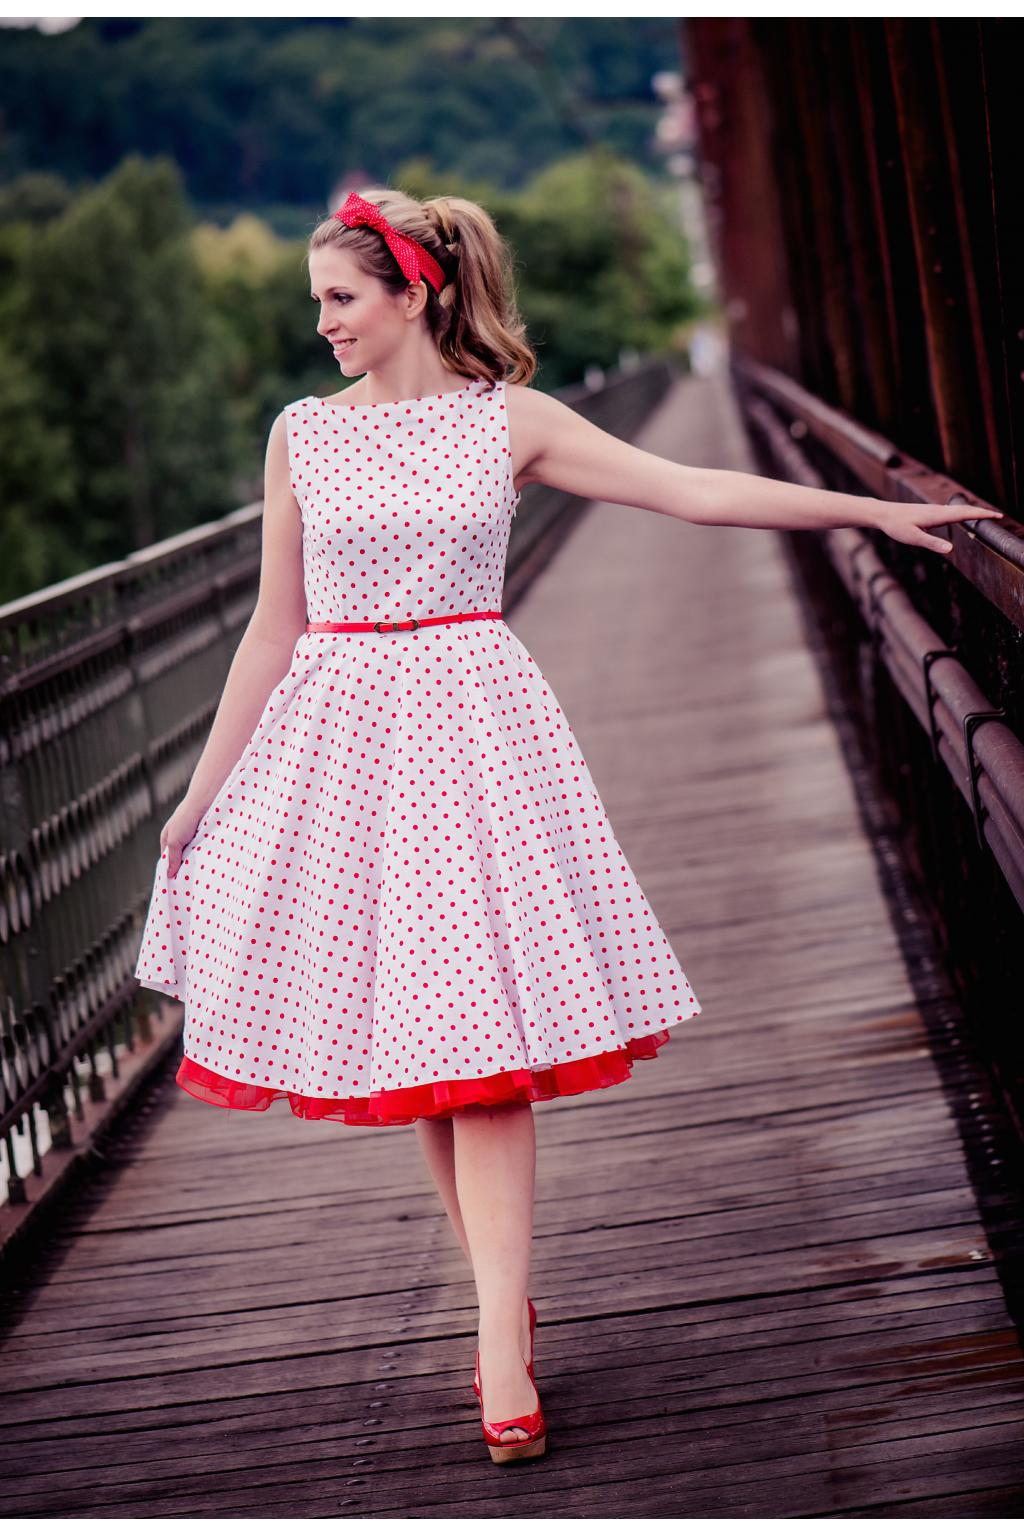 SUSAN retro šaty bílé s červeným puntíkem - MiaBella 90542ba9e9